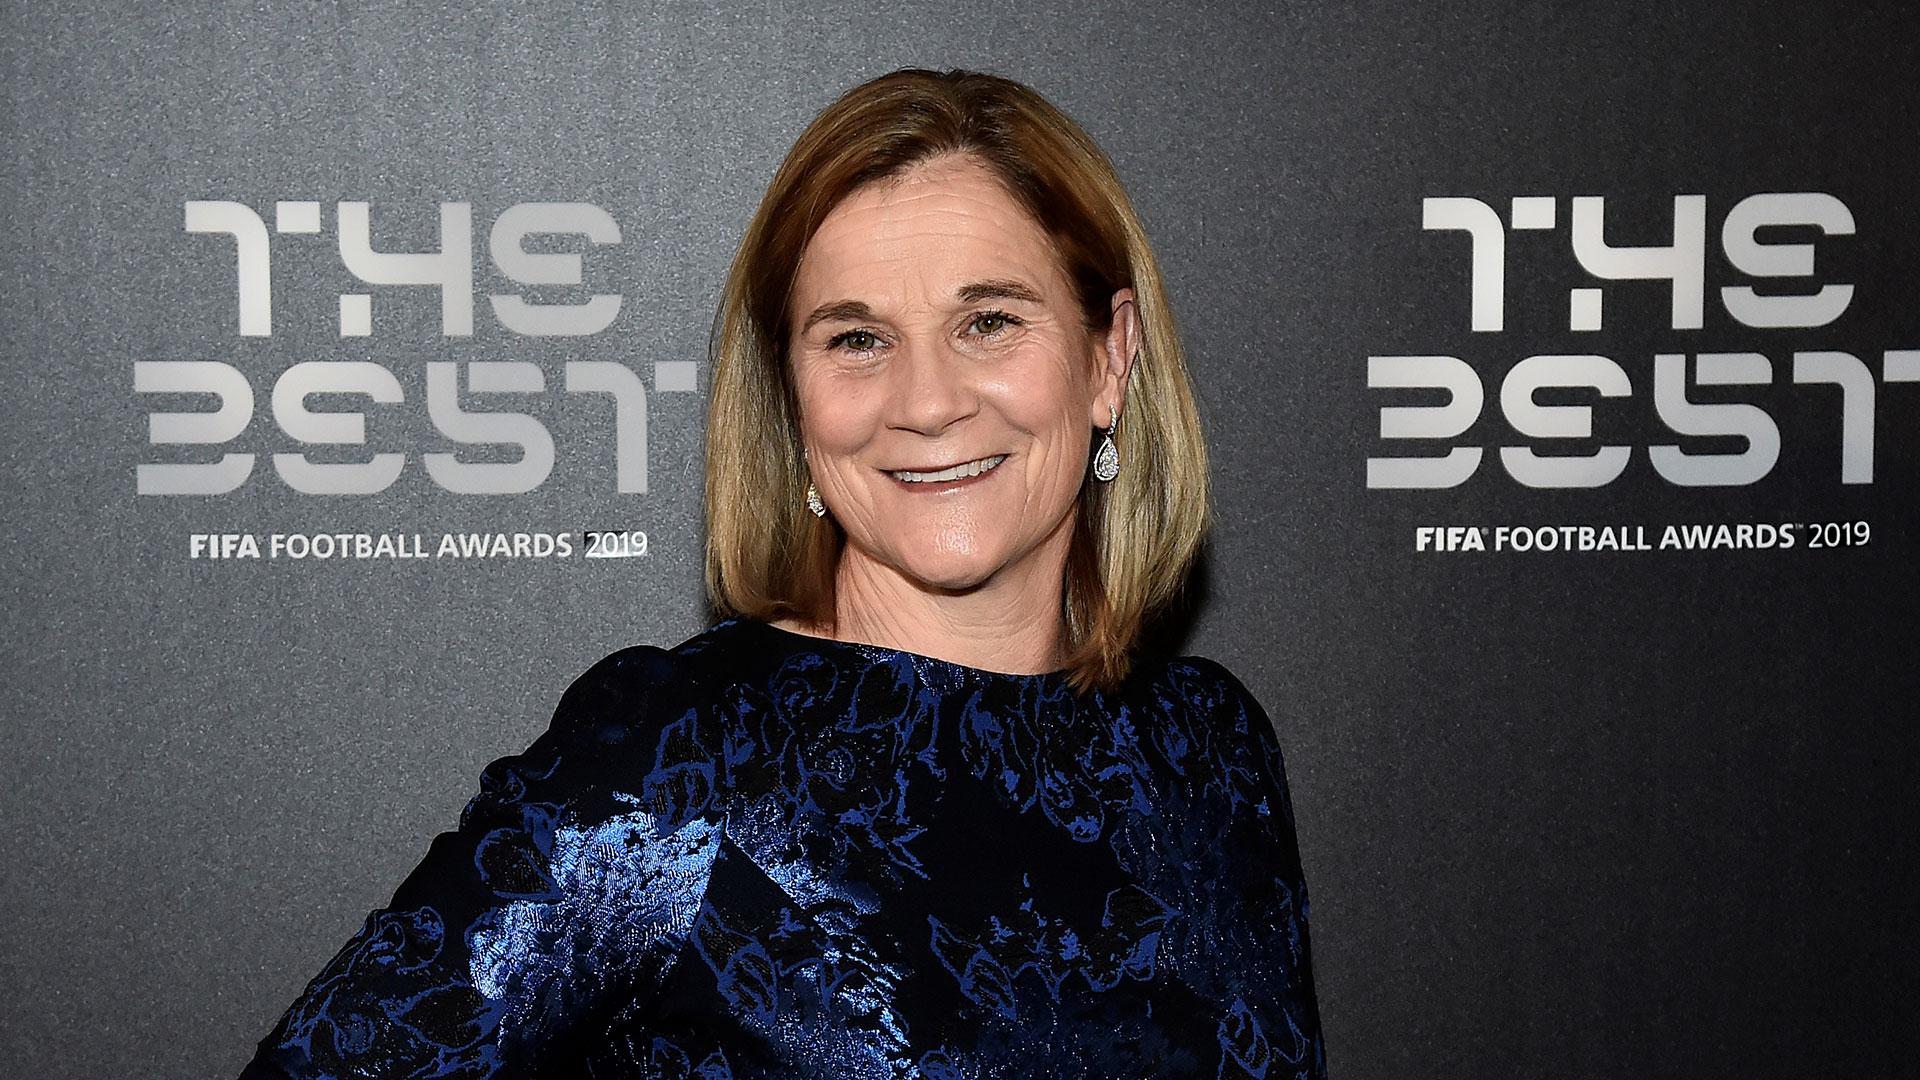 La entrenadora de la selección de Estados Unidos, campeona del Mundial de Francia, Jill Ellis